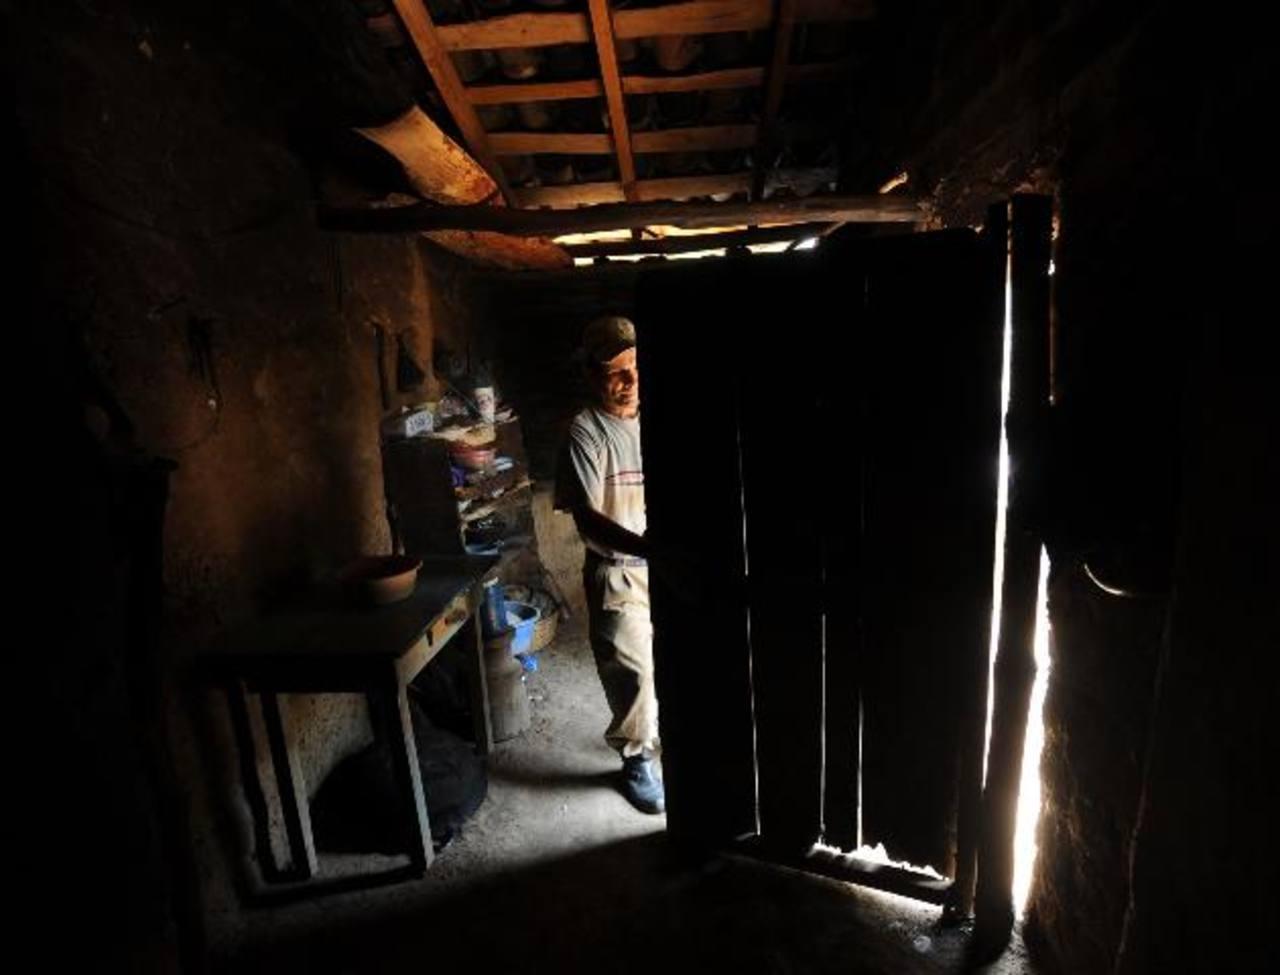 Casa donde vivían los esposos León López, asesinados el domingo. Fotos EDH / Douglas Urquilla